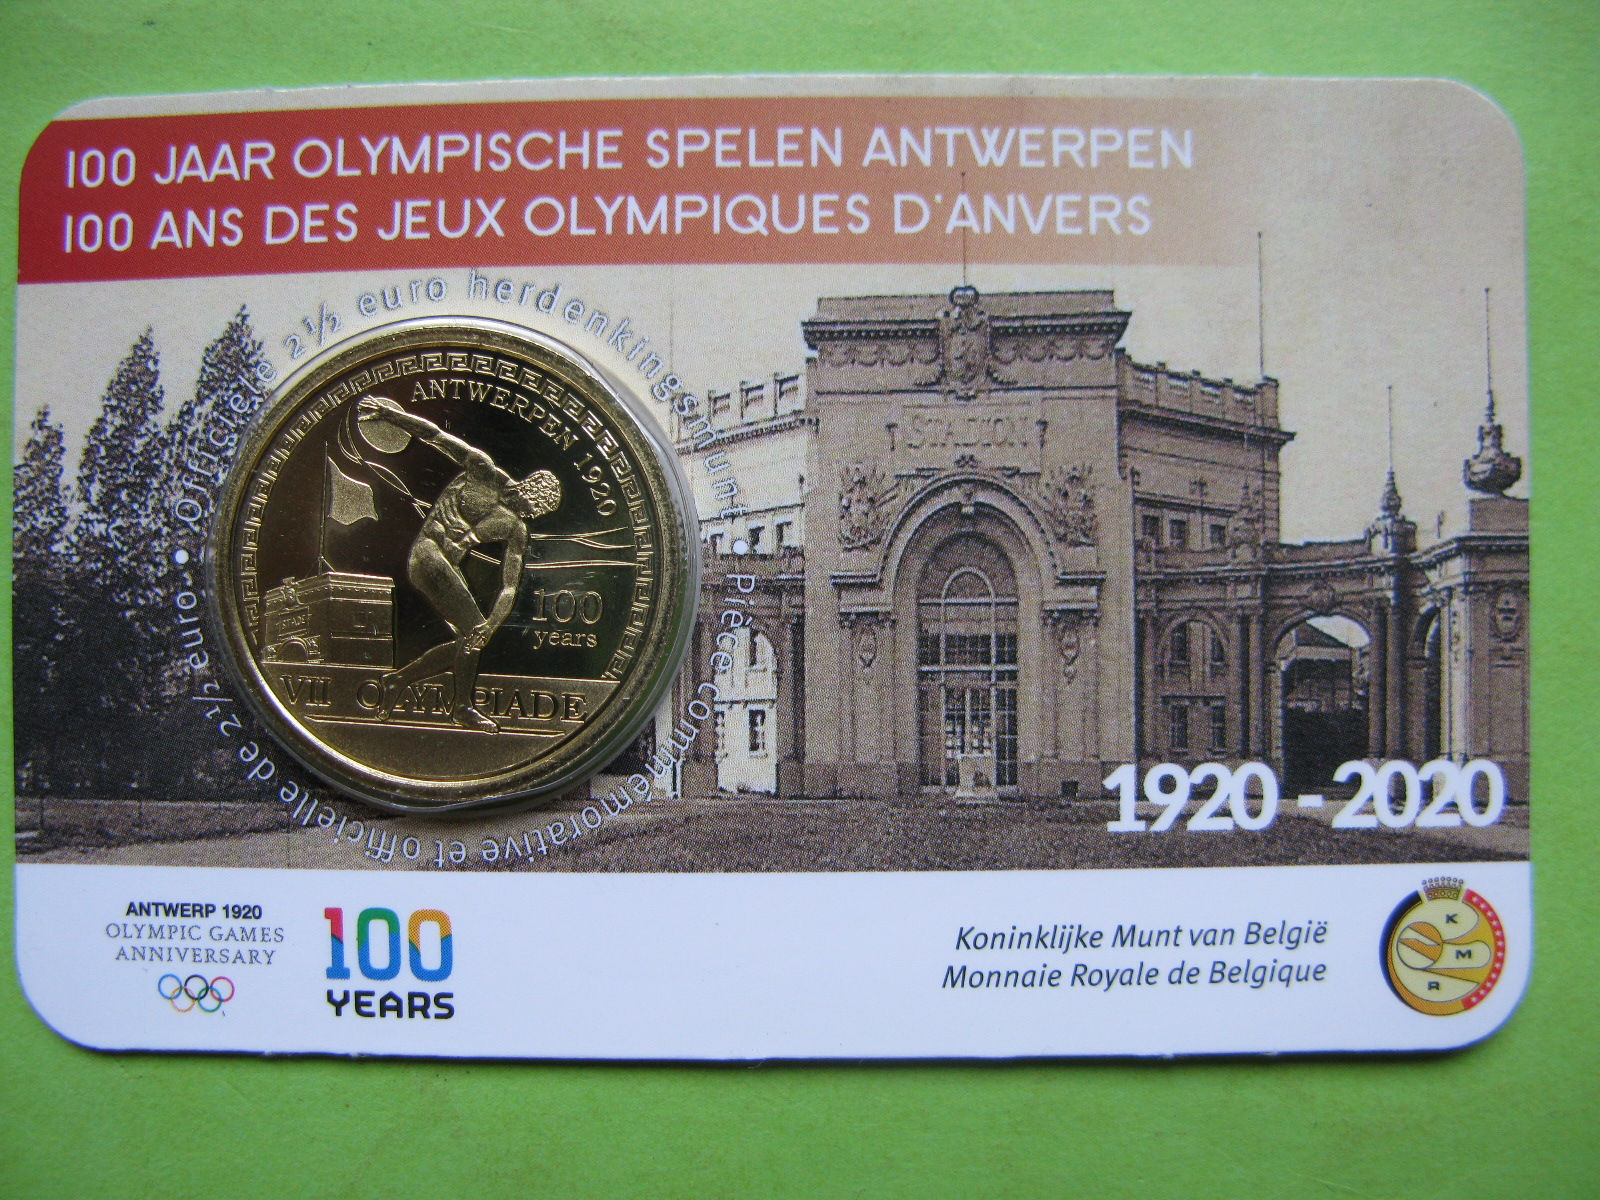 Бельгия 2,5 евро 2020 г. 100 лет Олимпийским играм в Антверпене